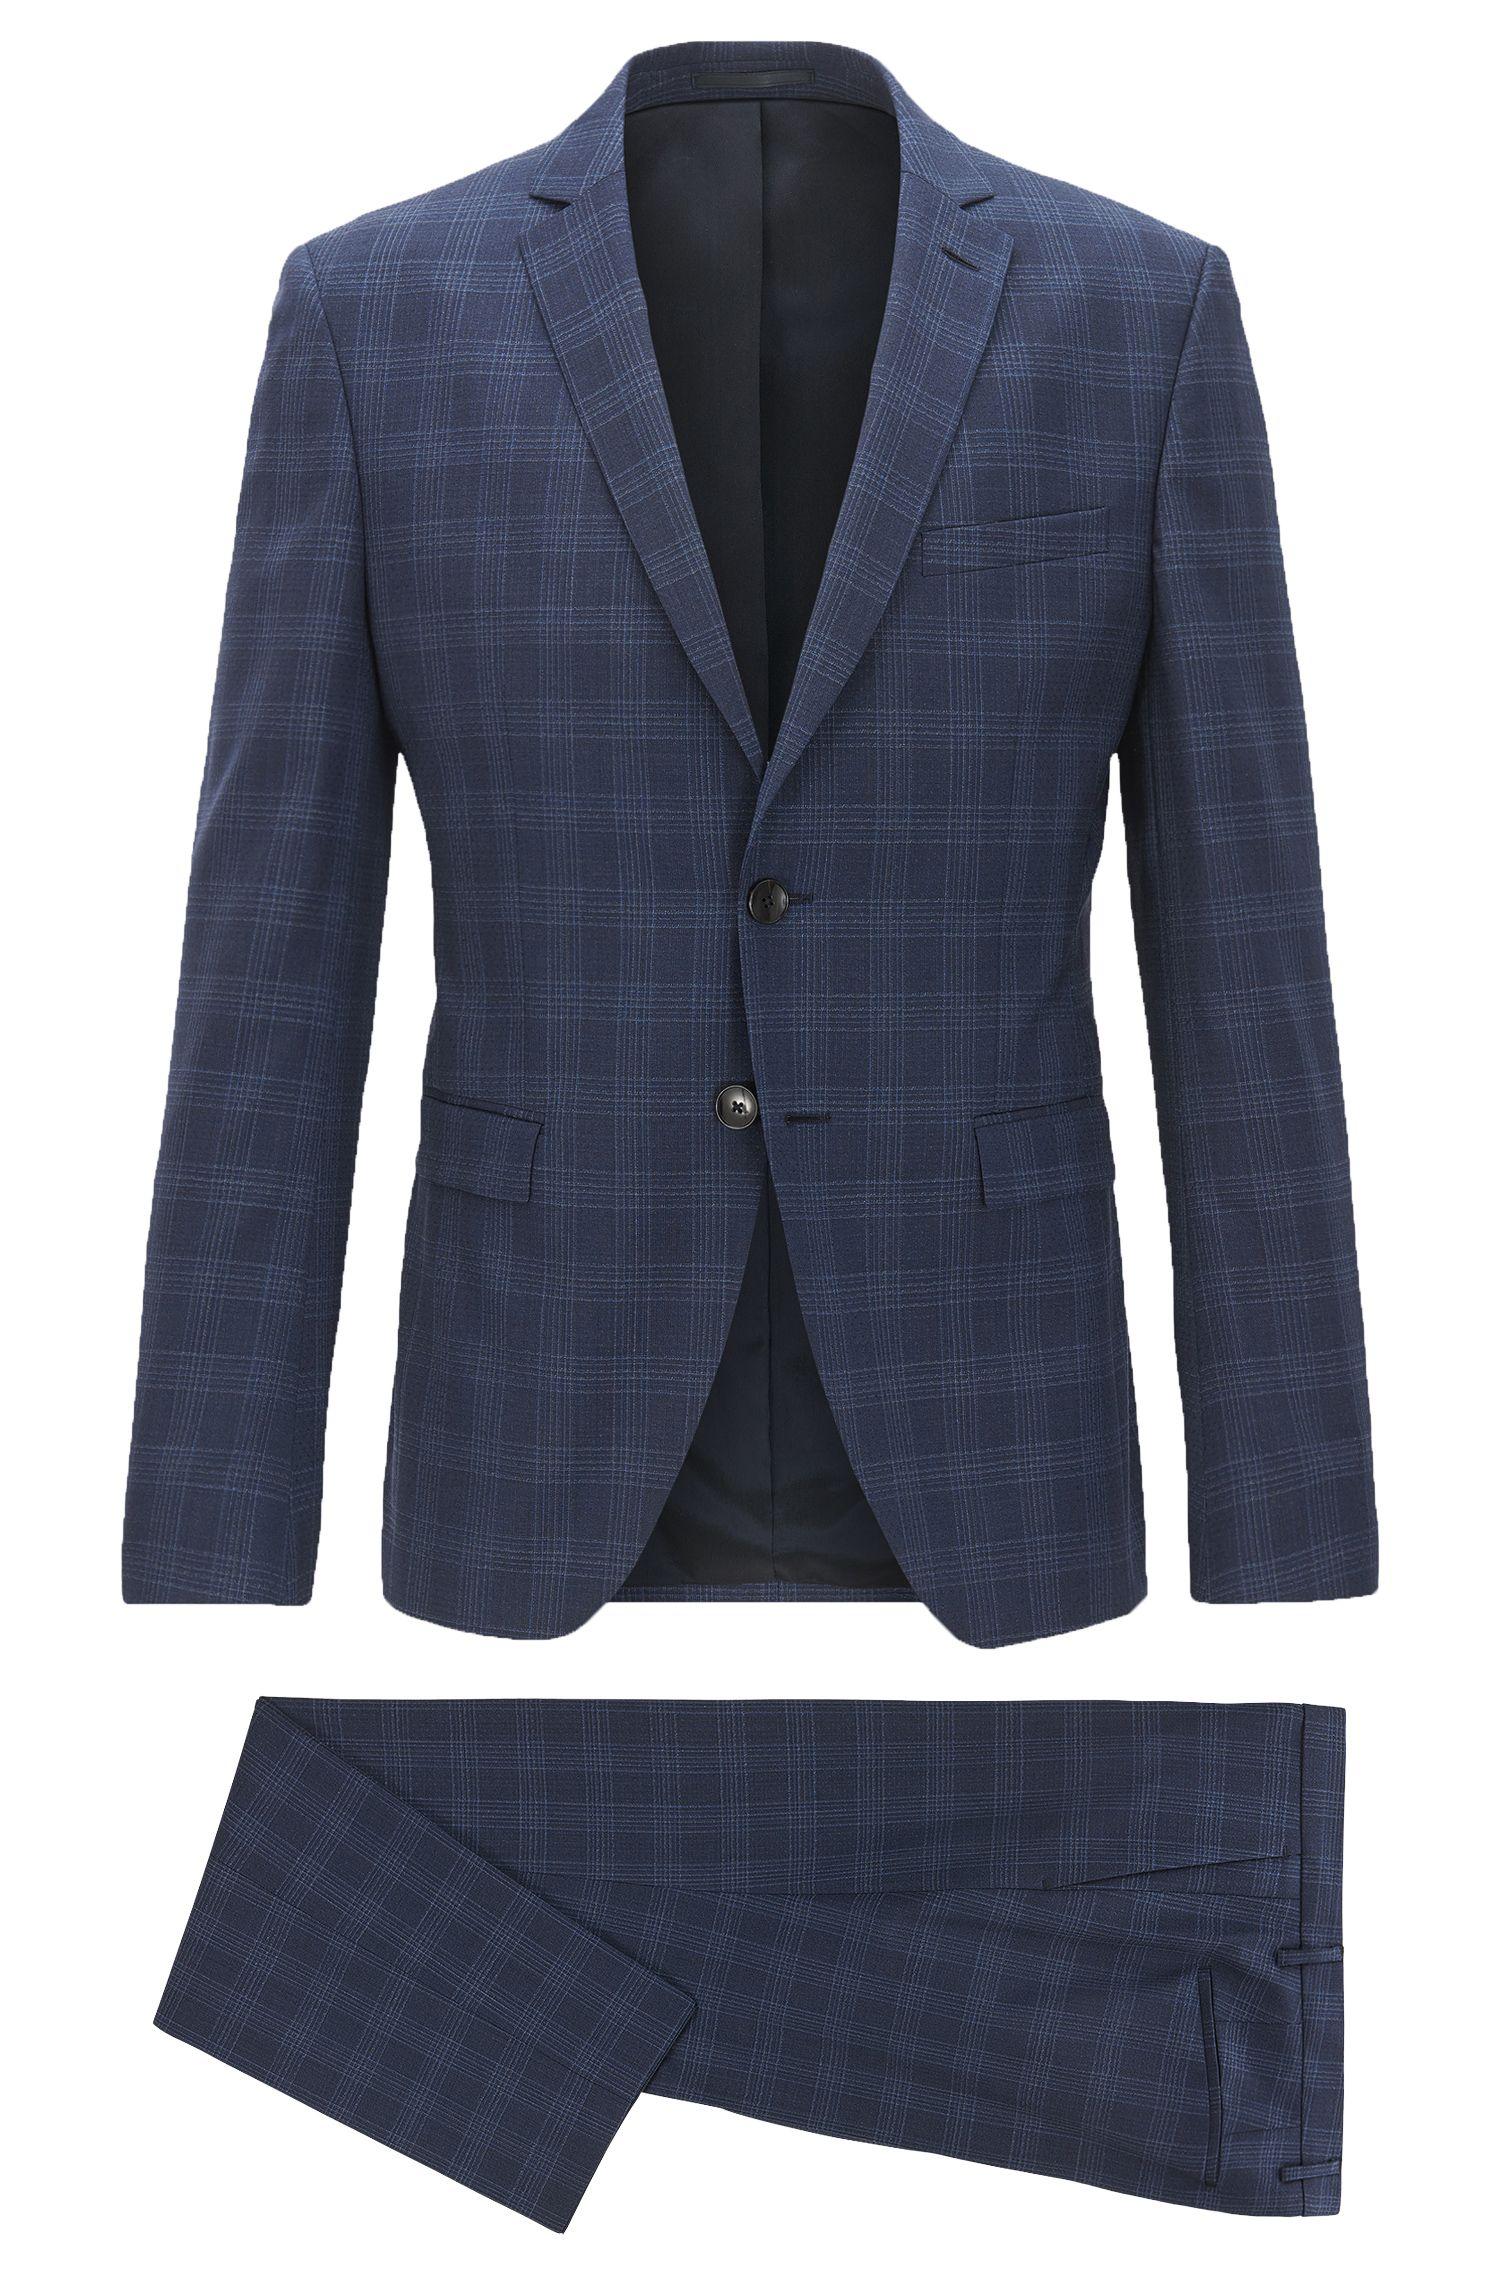 Extra Slim-Fit Anzug aus reiner Schurwolle mit unifarbenem Karo-Muster